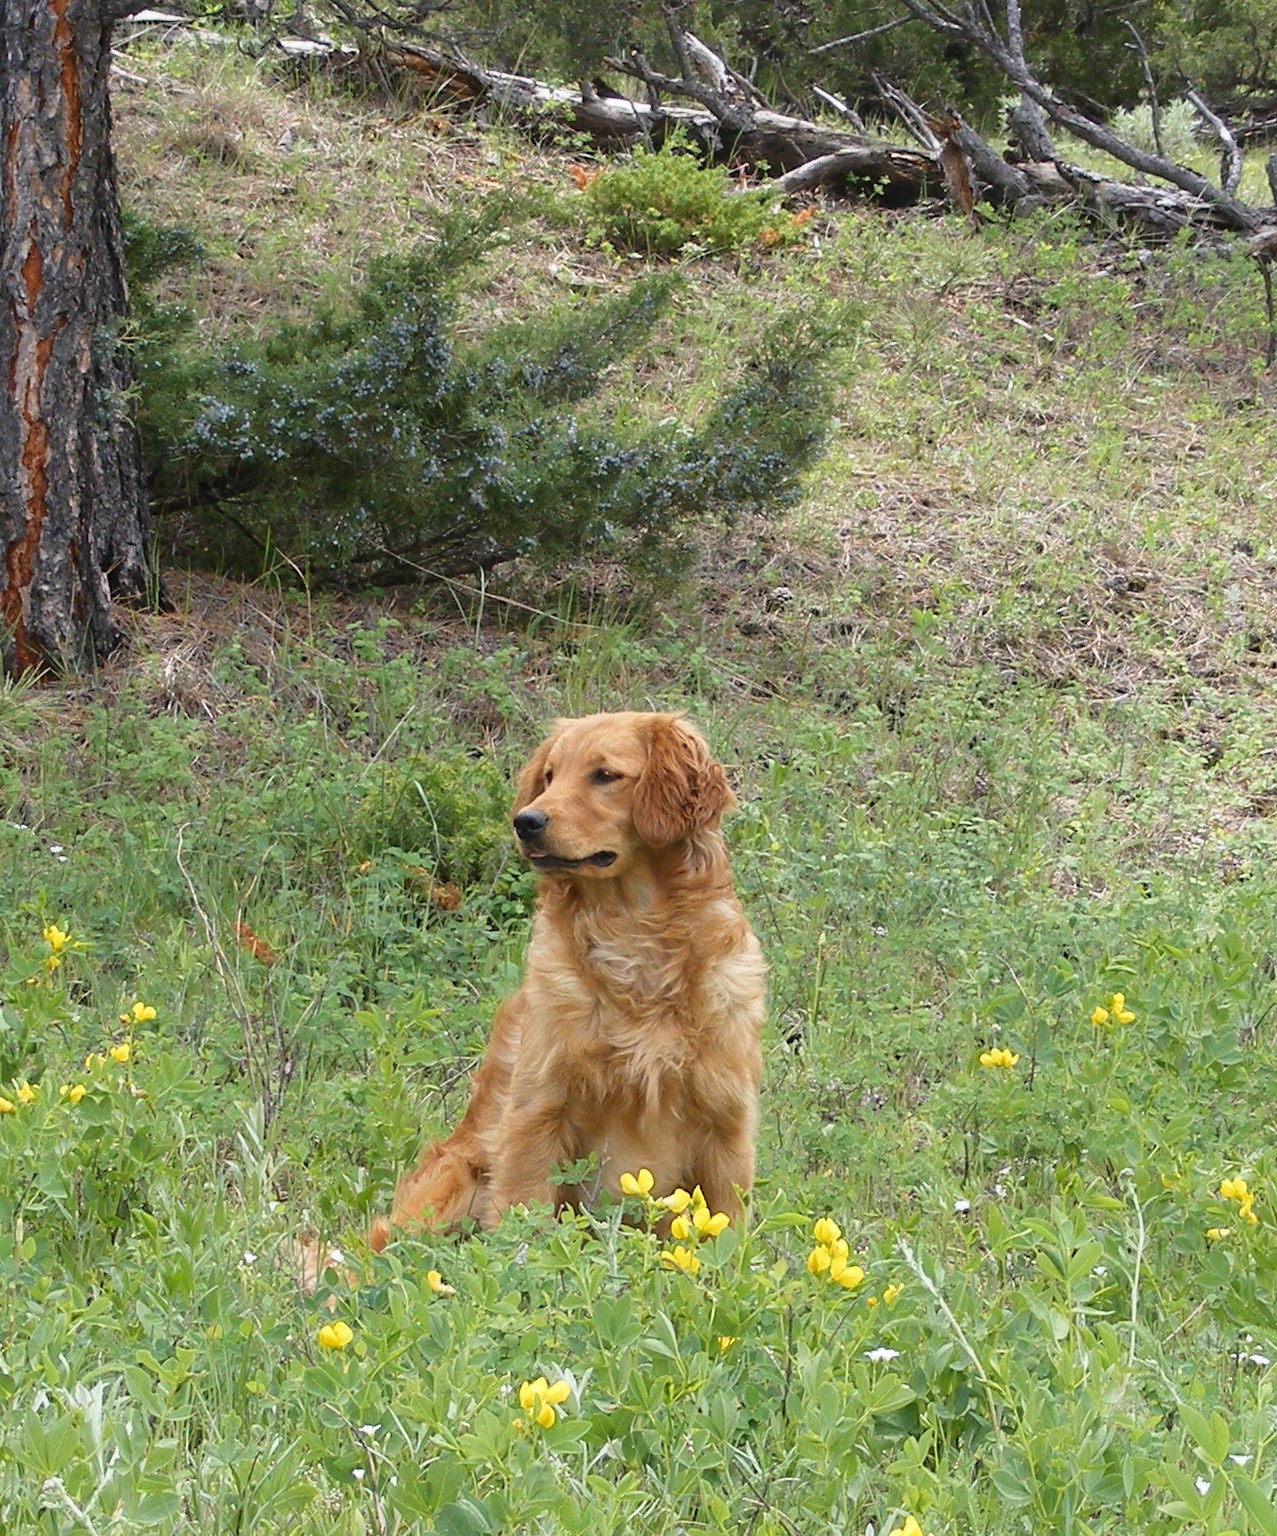 Miniature golden poodle